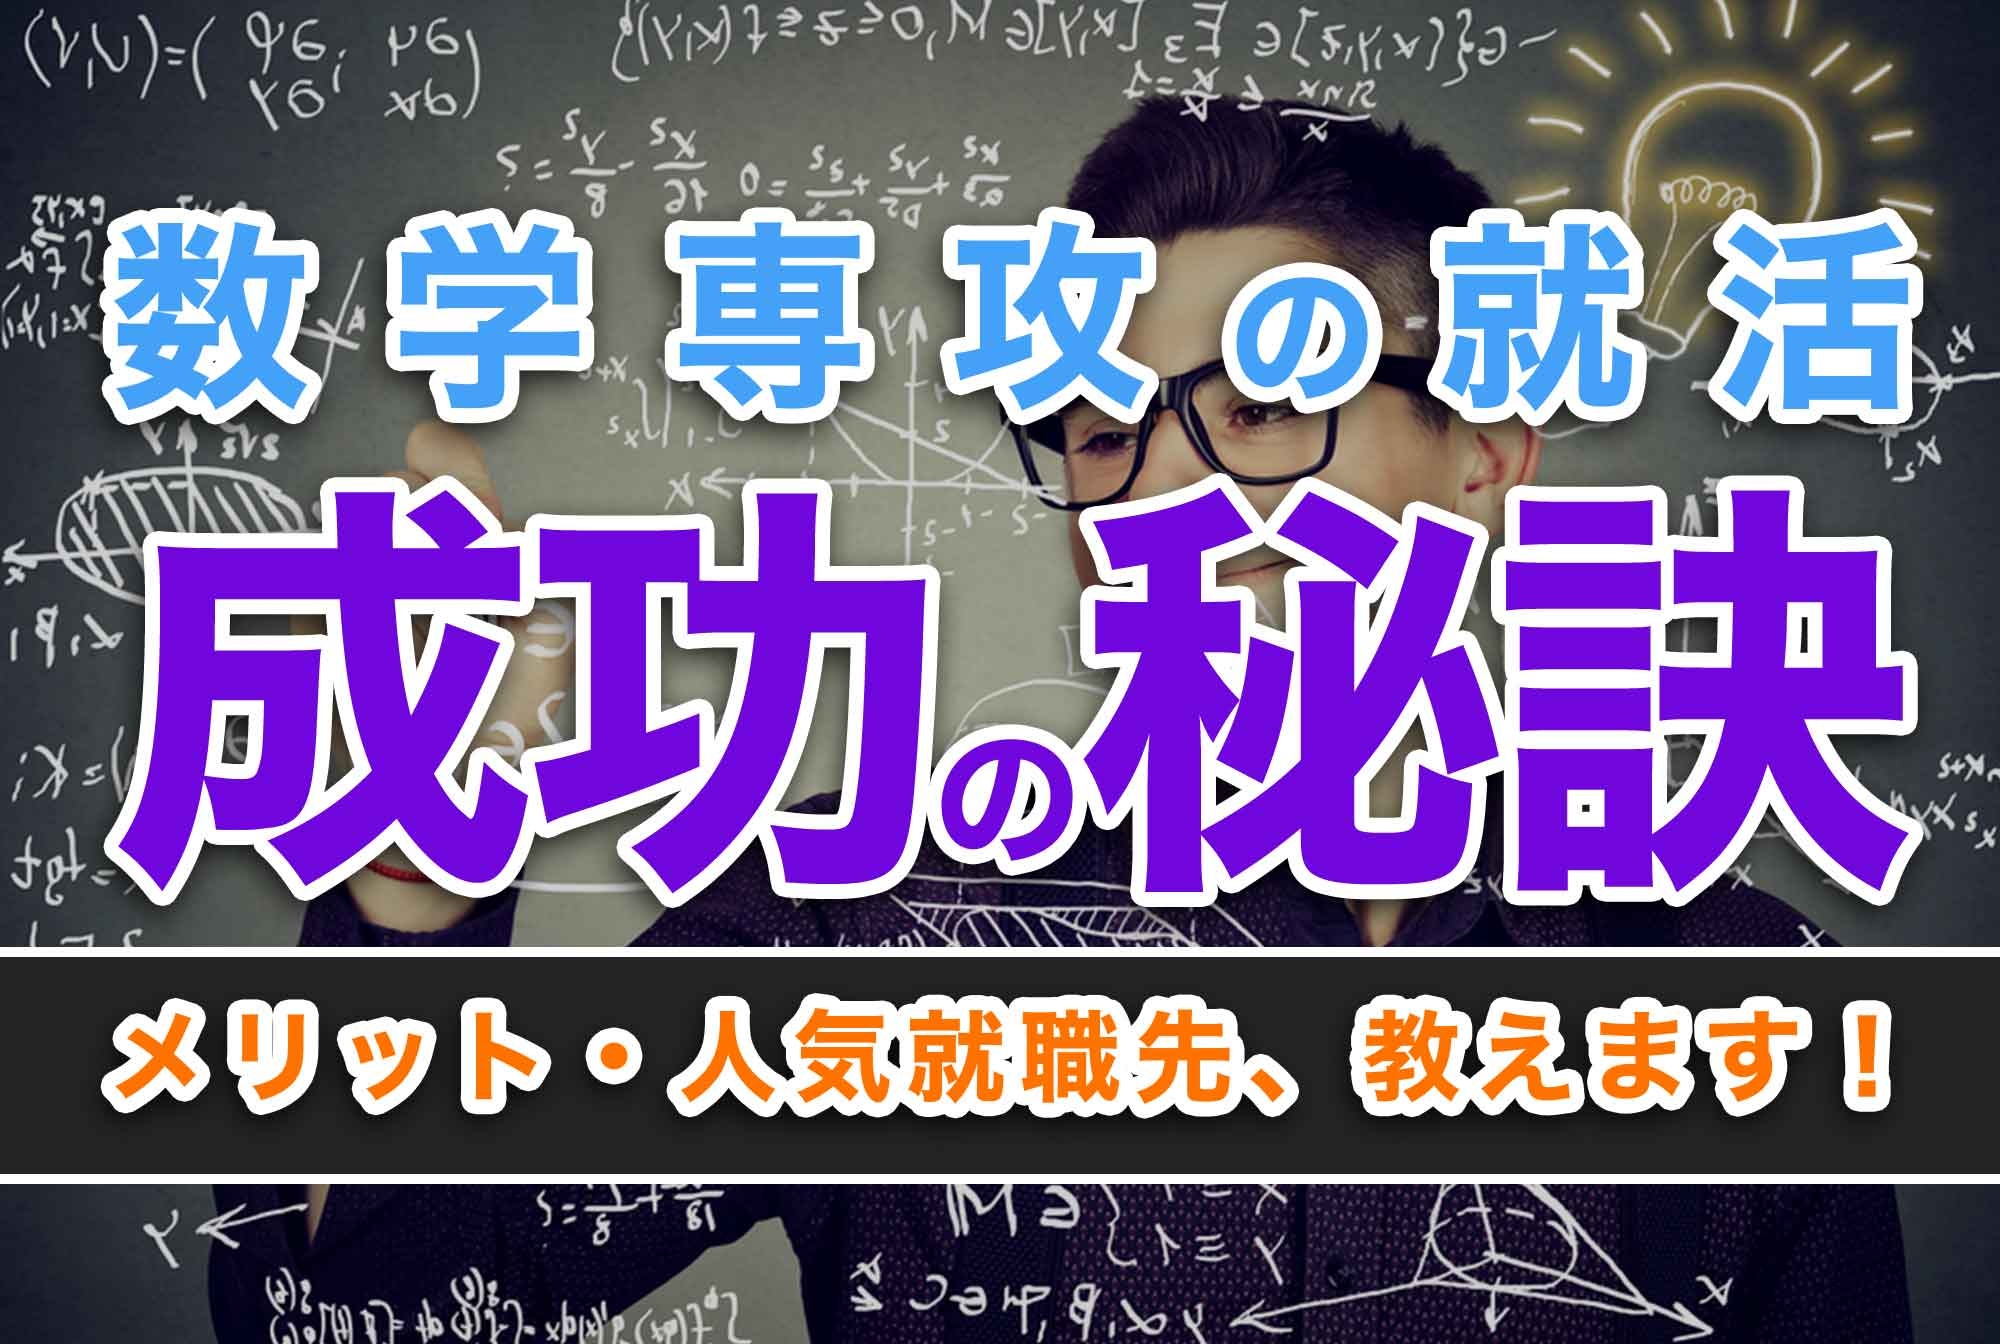 数学専攻の就活、成功の秘訣!メリットや人気就職先、教えます。